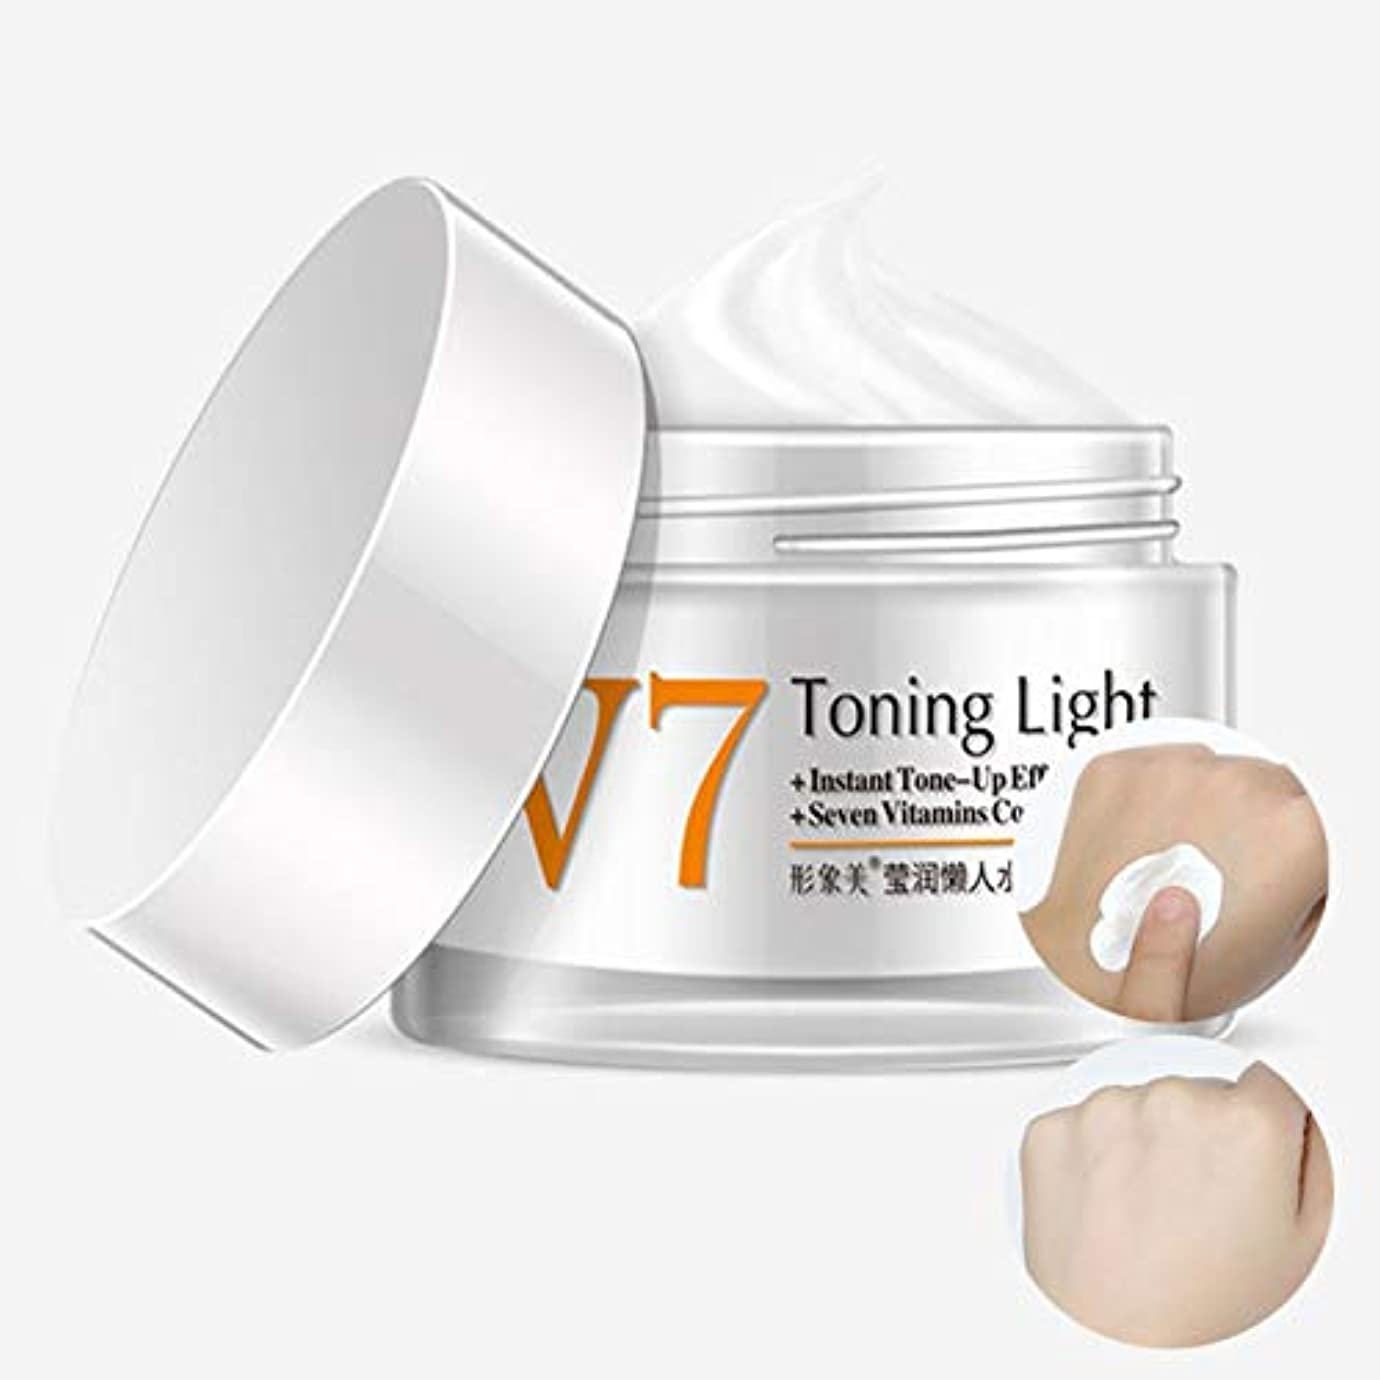 役に立たないブロック虚栄心寧デイクリーム保湿洗顔Clsing保湿栄養フェイシャルケア2017コー化粧品50グラム